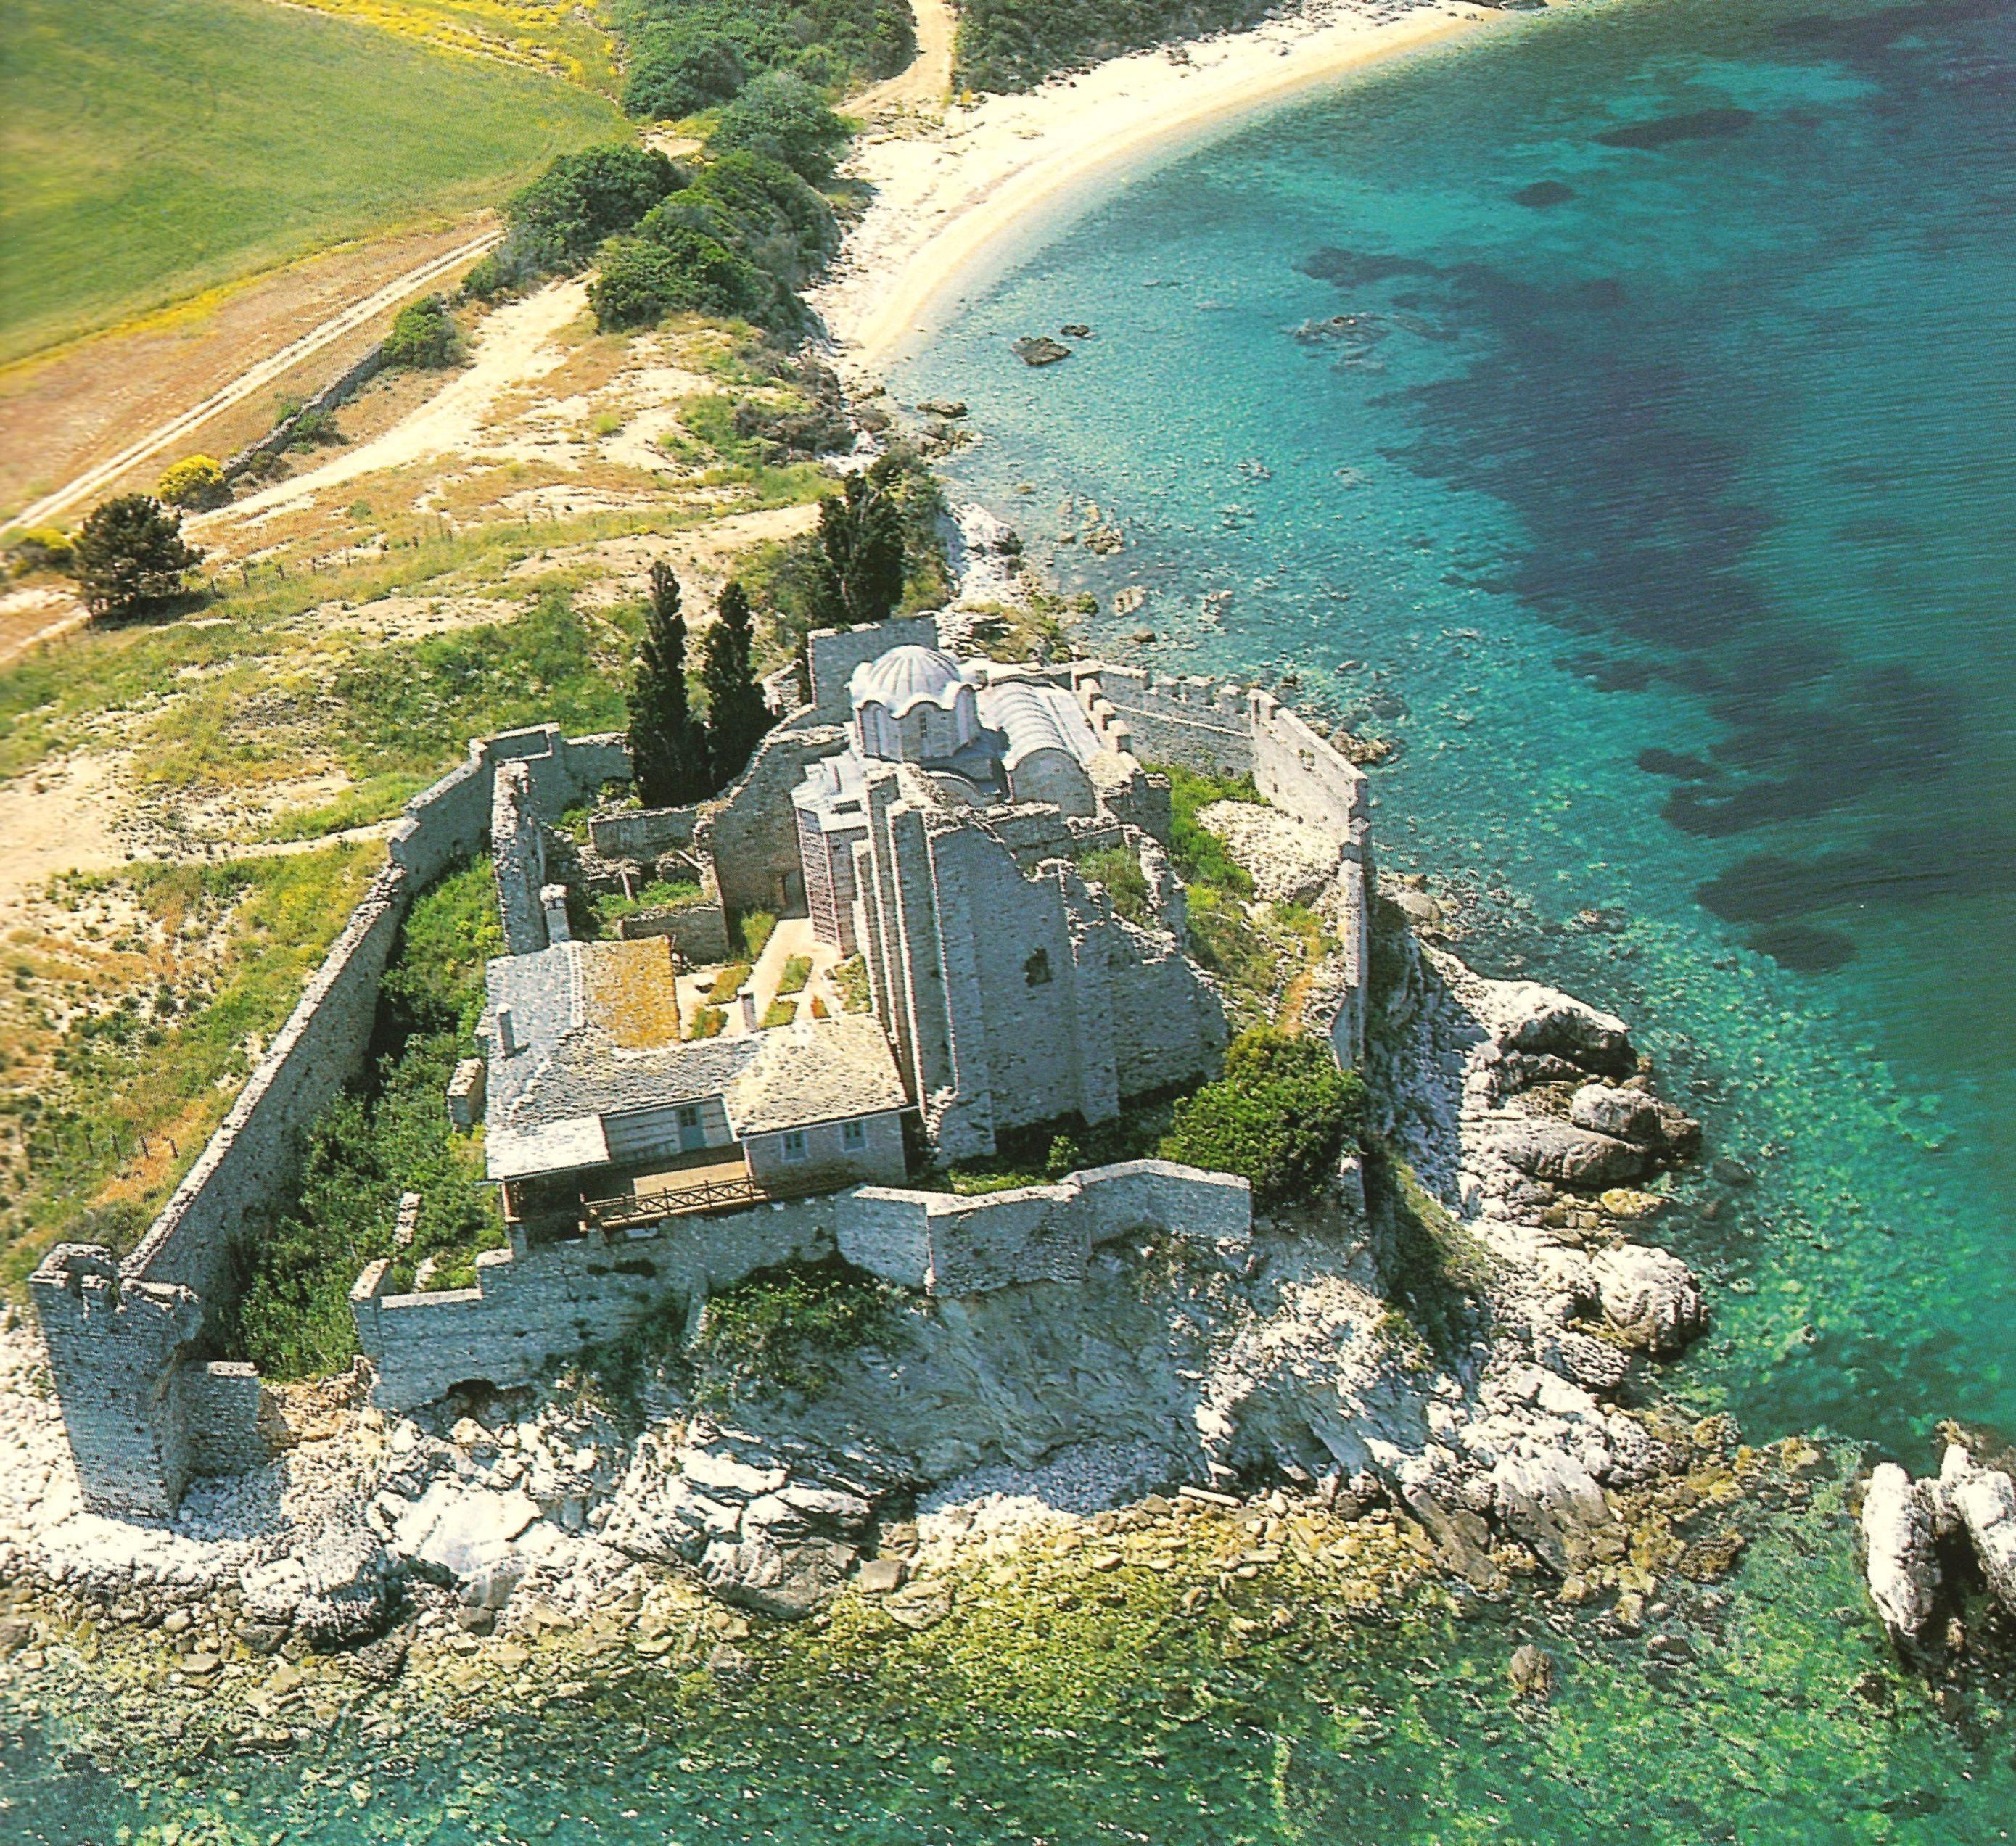 Το Χιλιανδαρινό μονύδριο του Αγίου Βασιλείου. The cell of St Basil, a dependency of Chilandari.